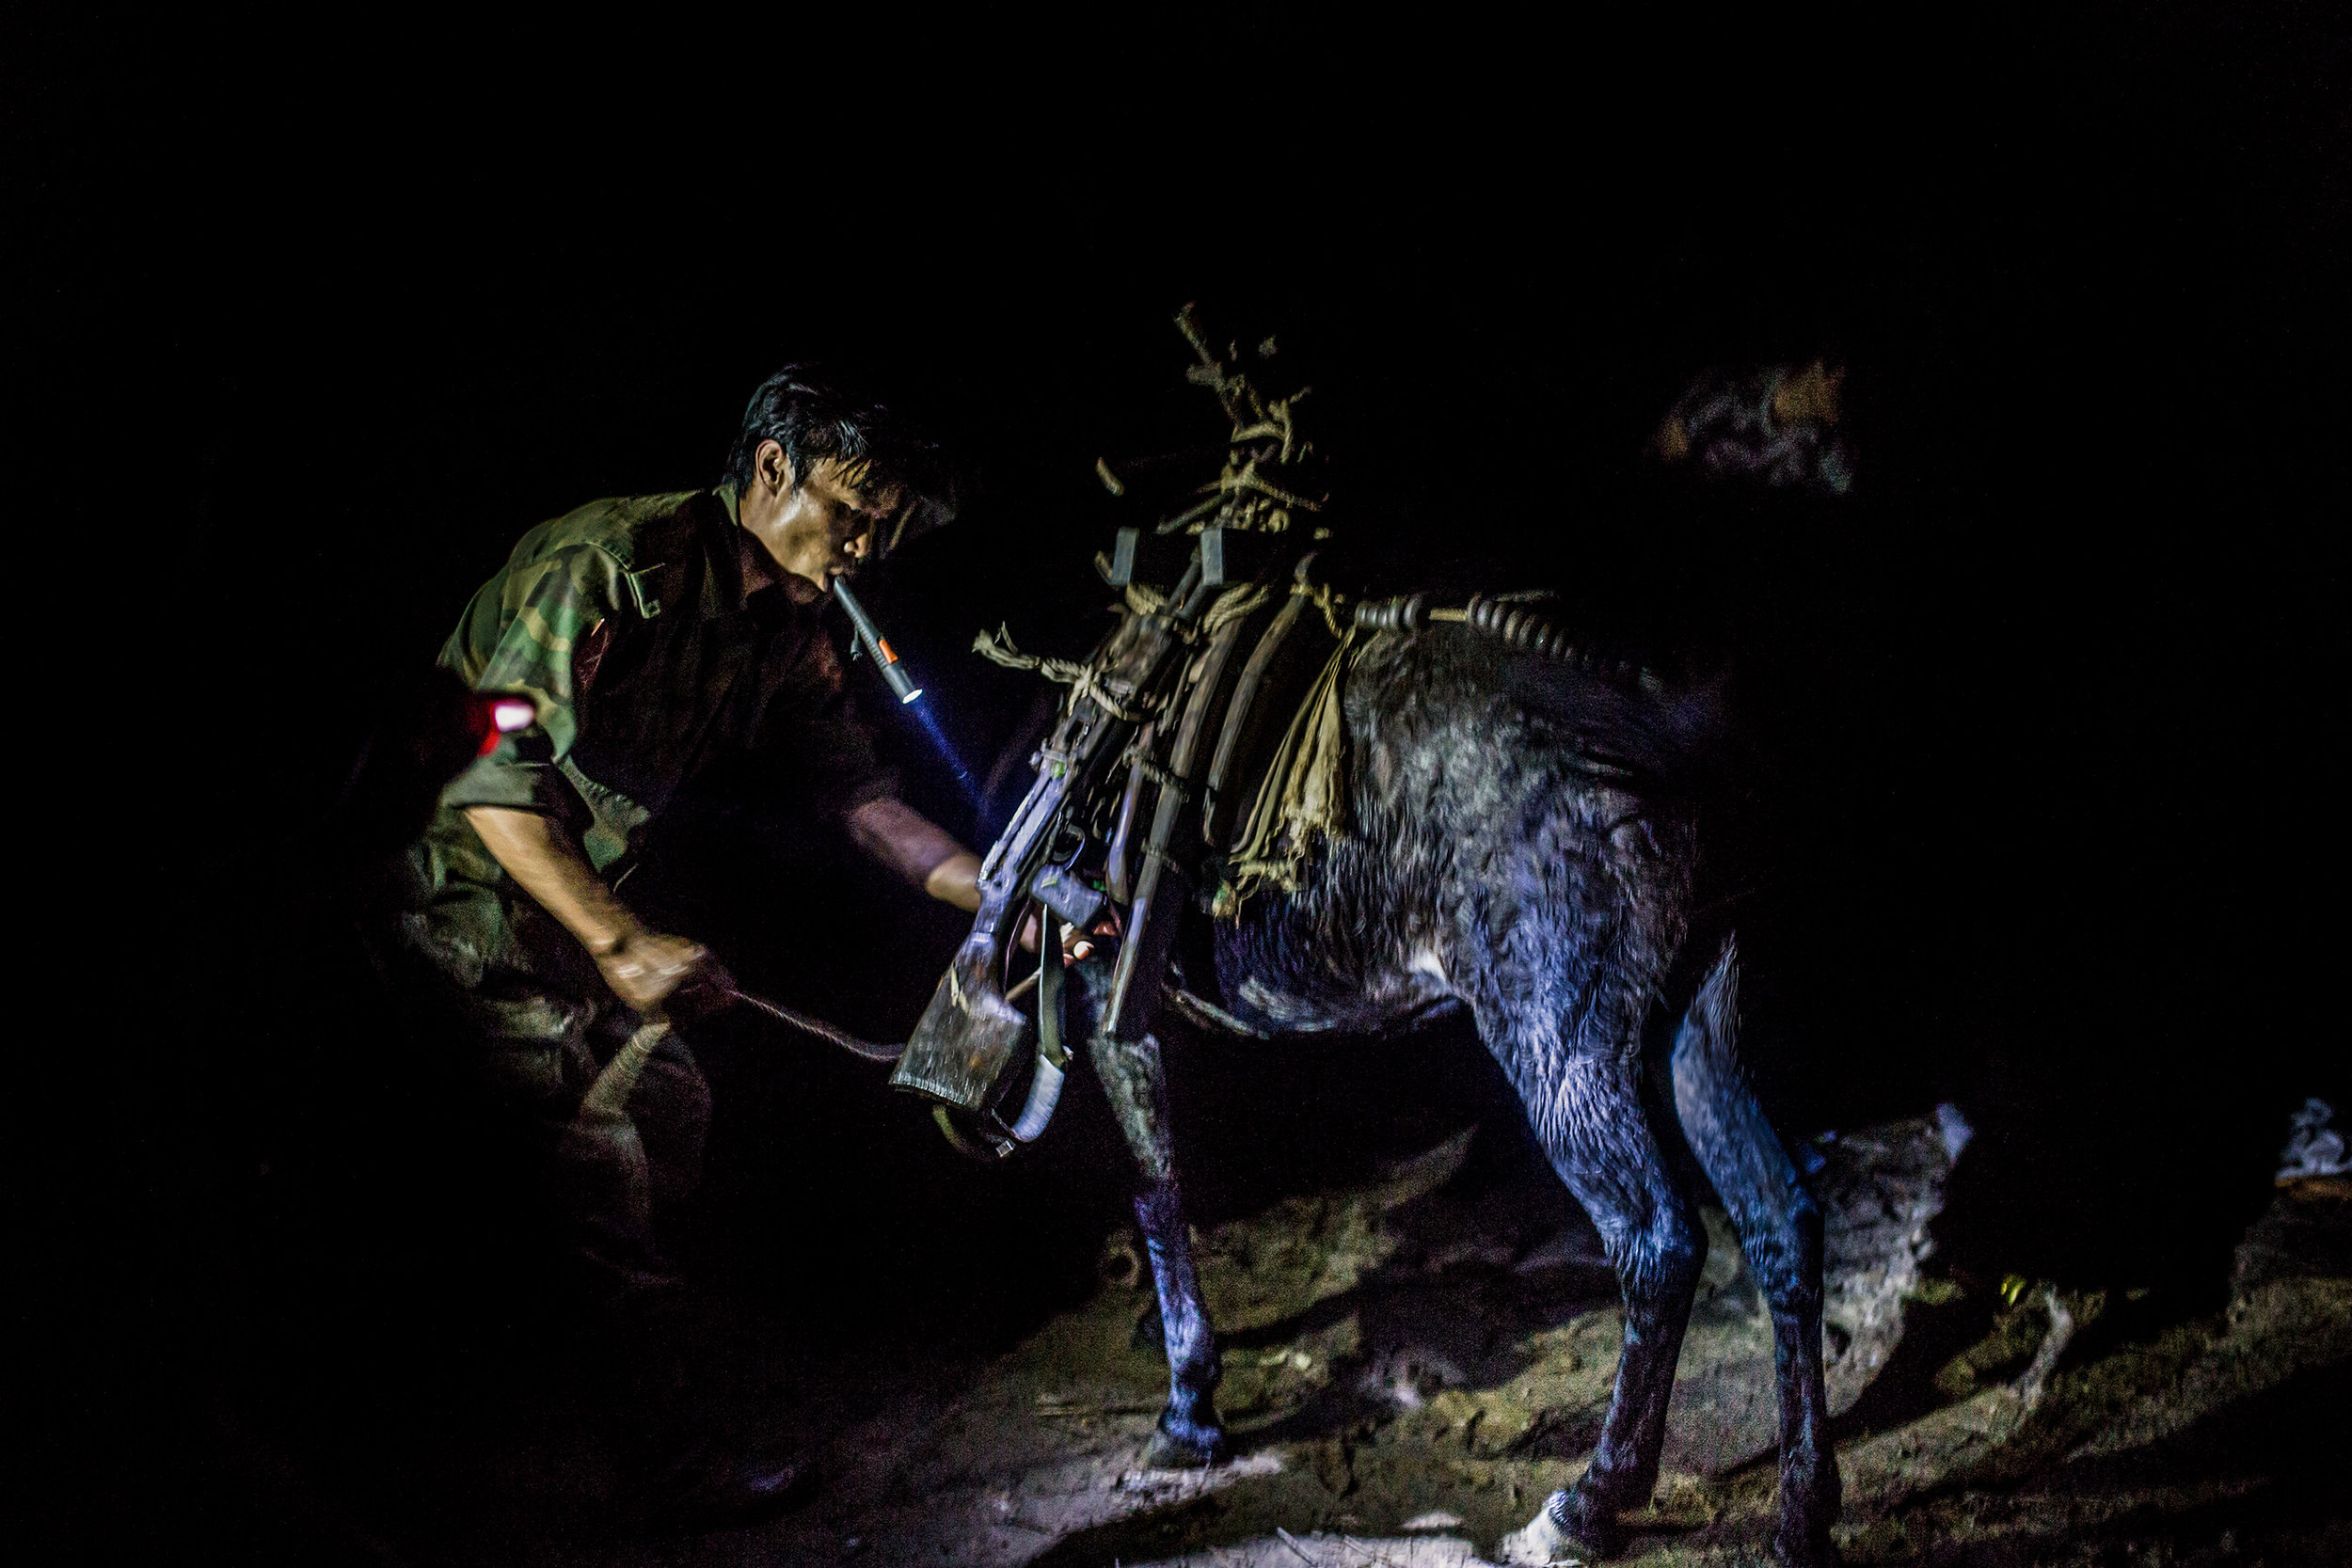 kachin_photo_book_08.jpg